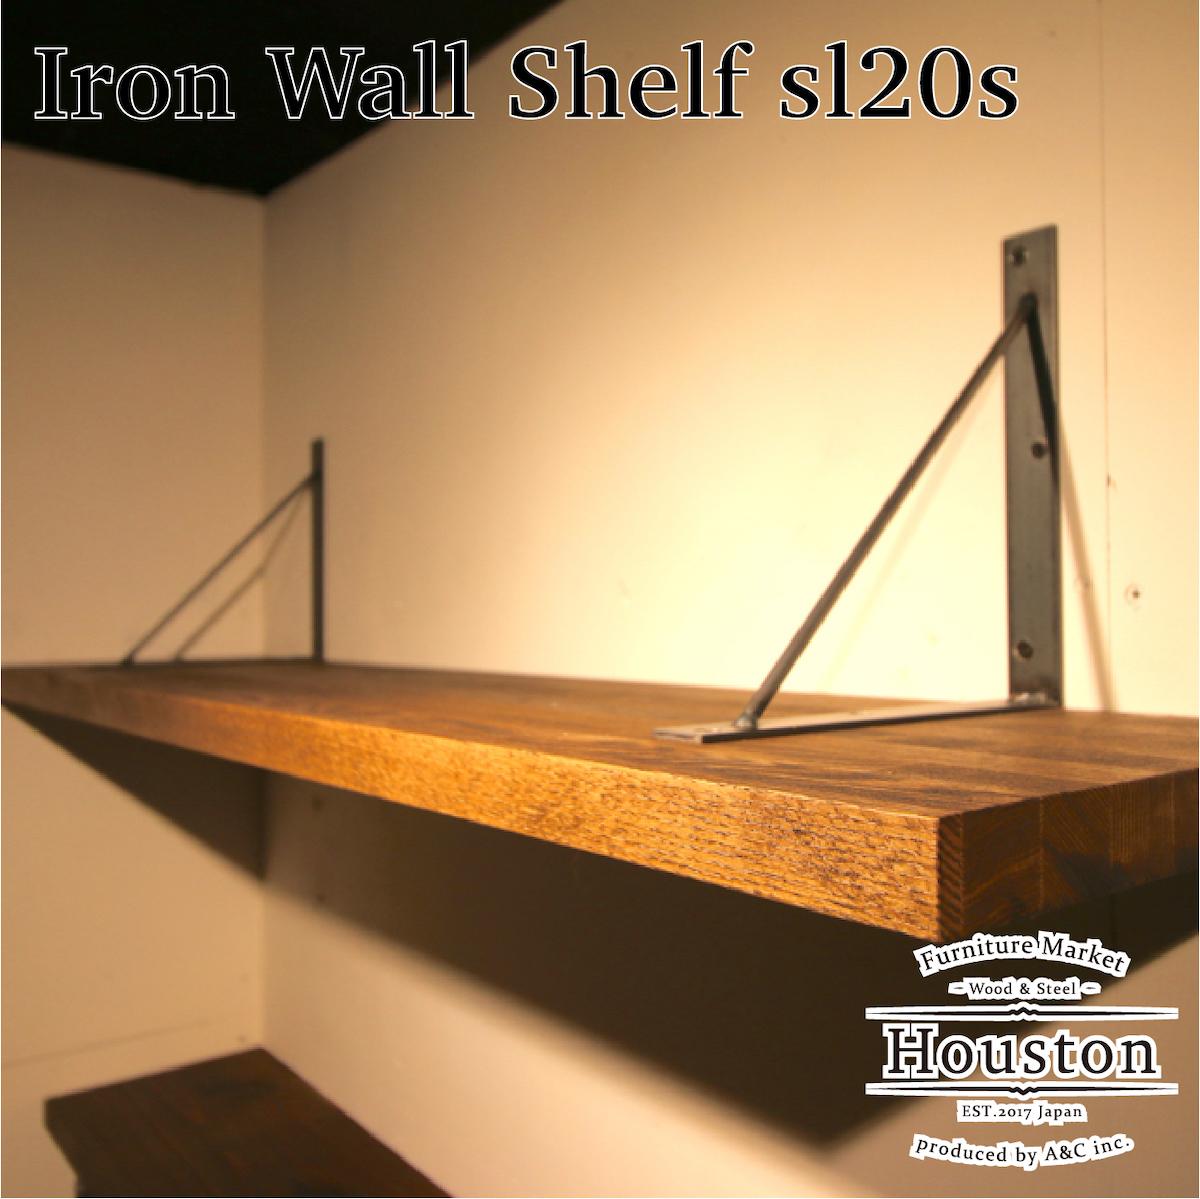 アイアンウォールシェルフ ハウストンSLシリーズ 棚板セット[sl20s] セミオーダー 壁固定タイプ